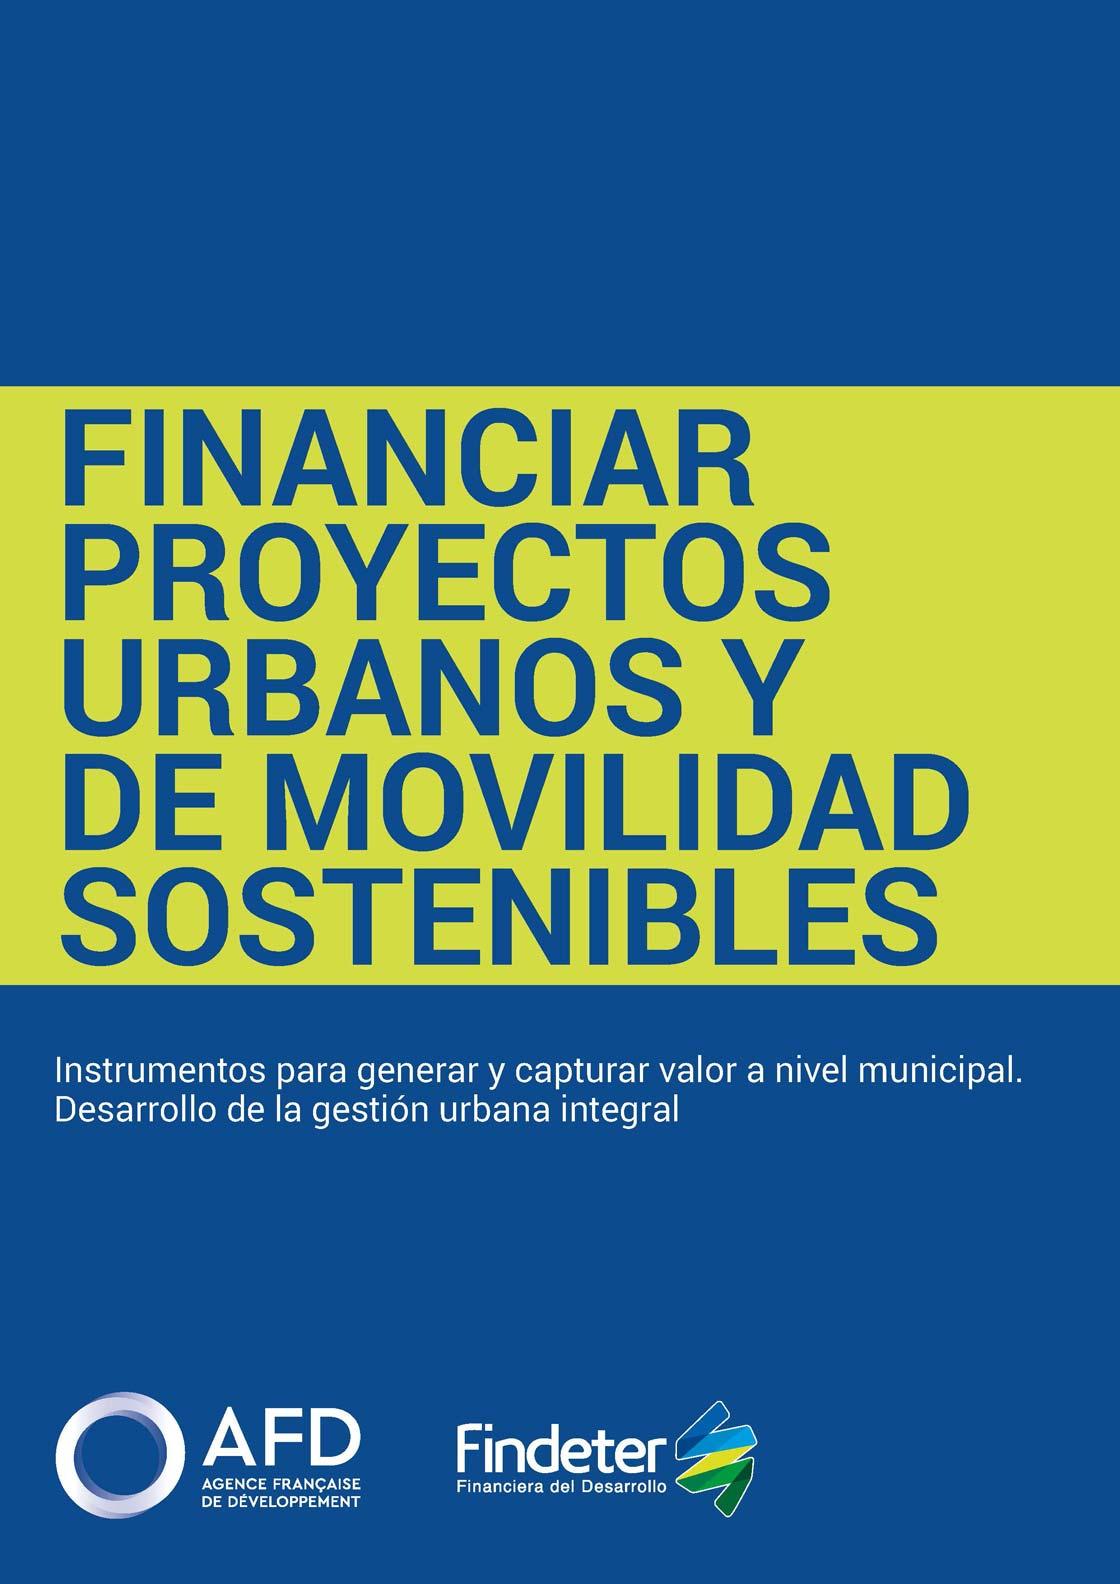 Financiar proyectos urbanos y de movilidad sostenibles